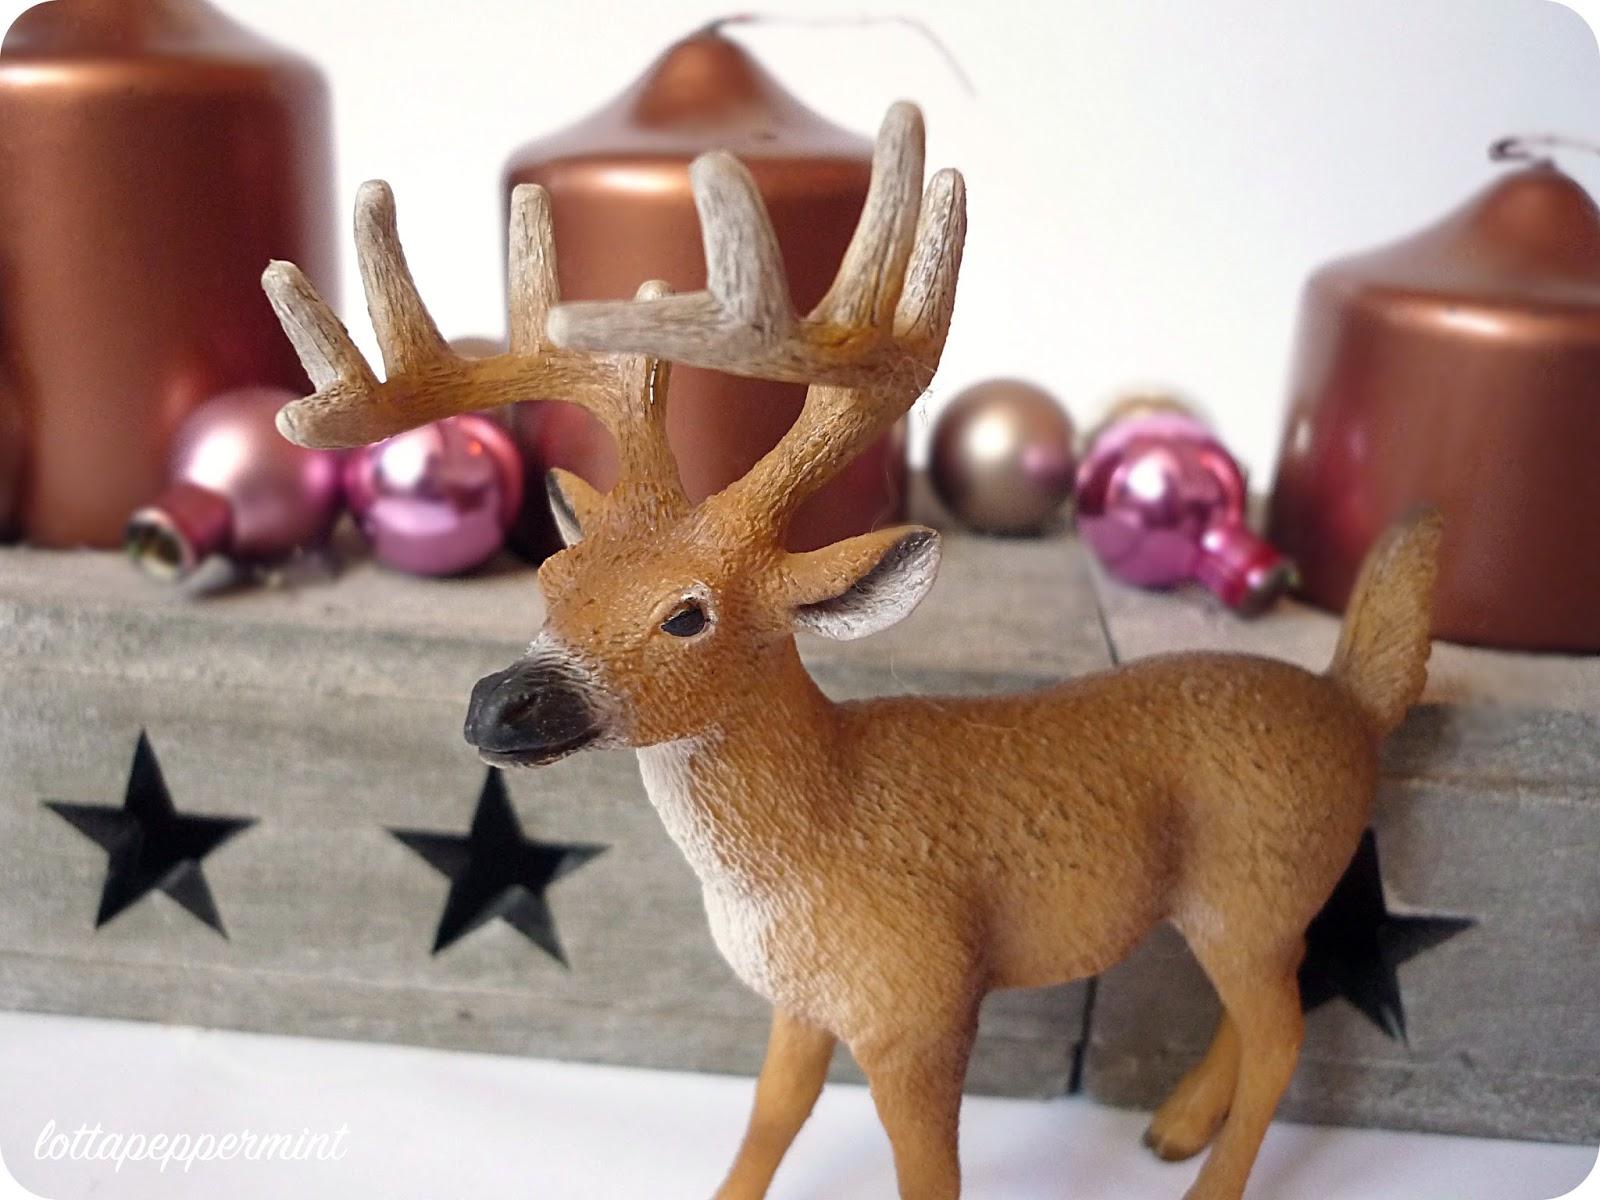 lottapeppermint als die waldtiere auf weihnachten warteten ein adventskranz. Black Bedroom Furniture Sets. Home Design Ideas